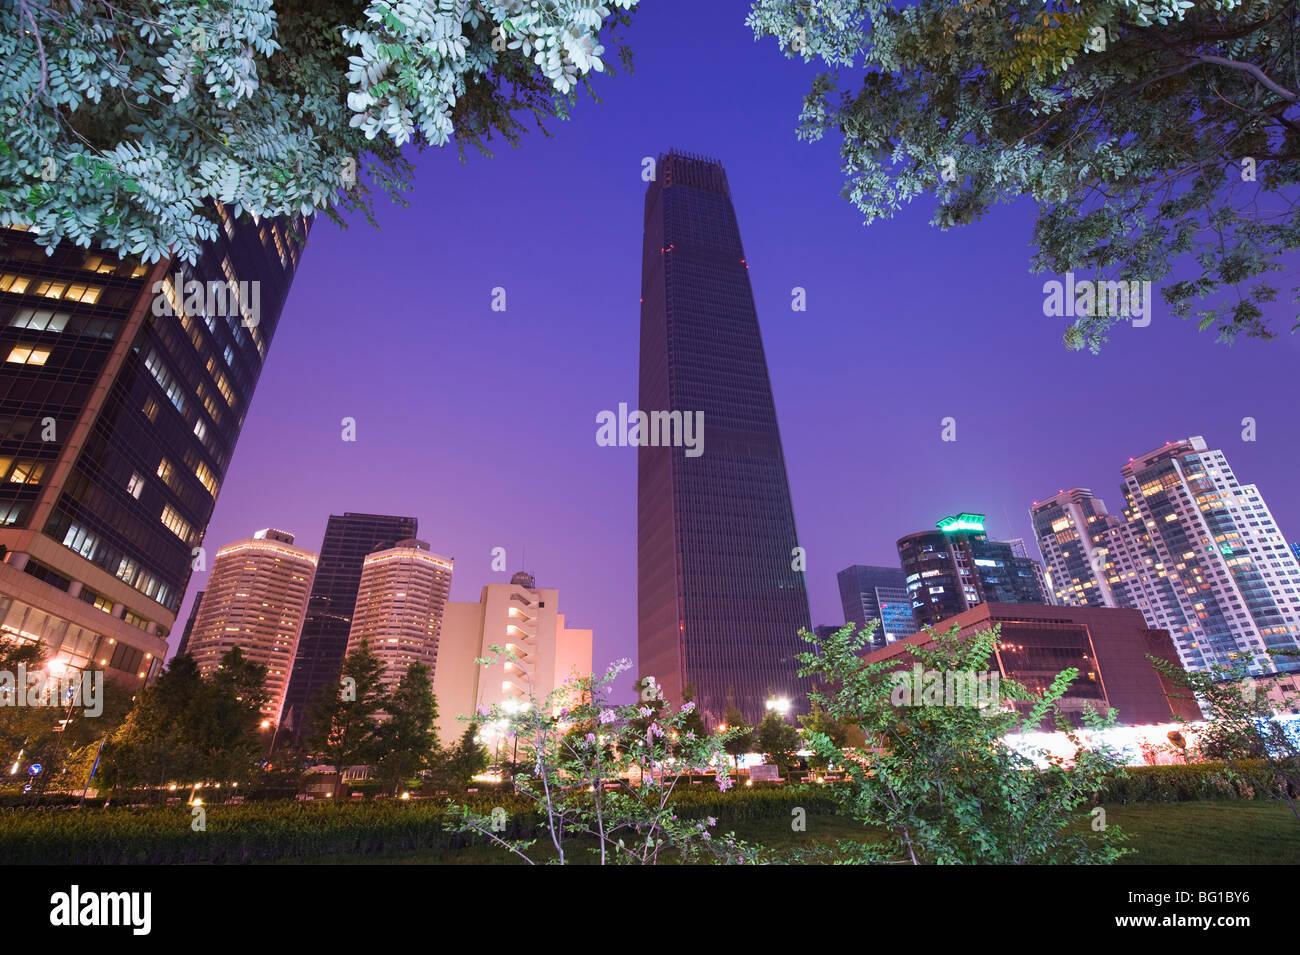 Asian Trade Center